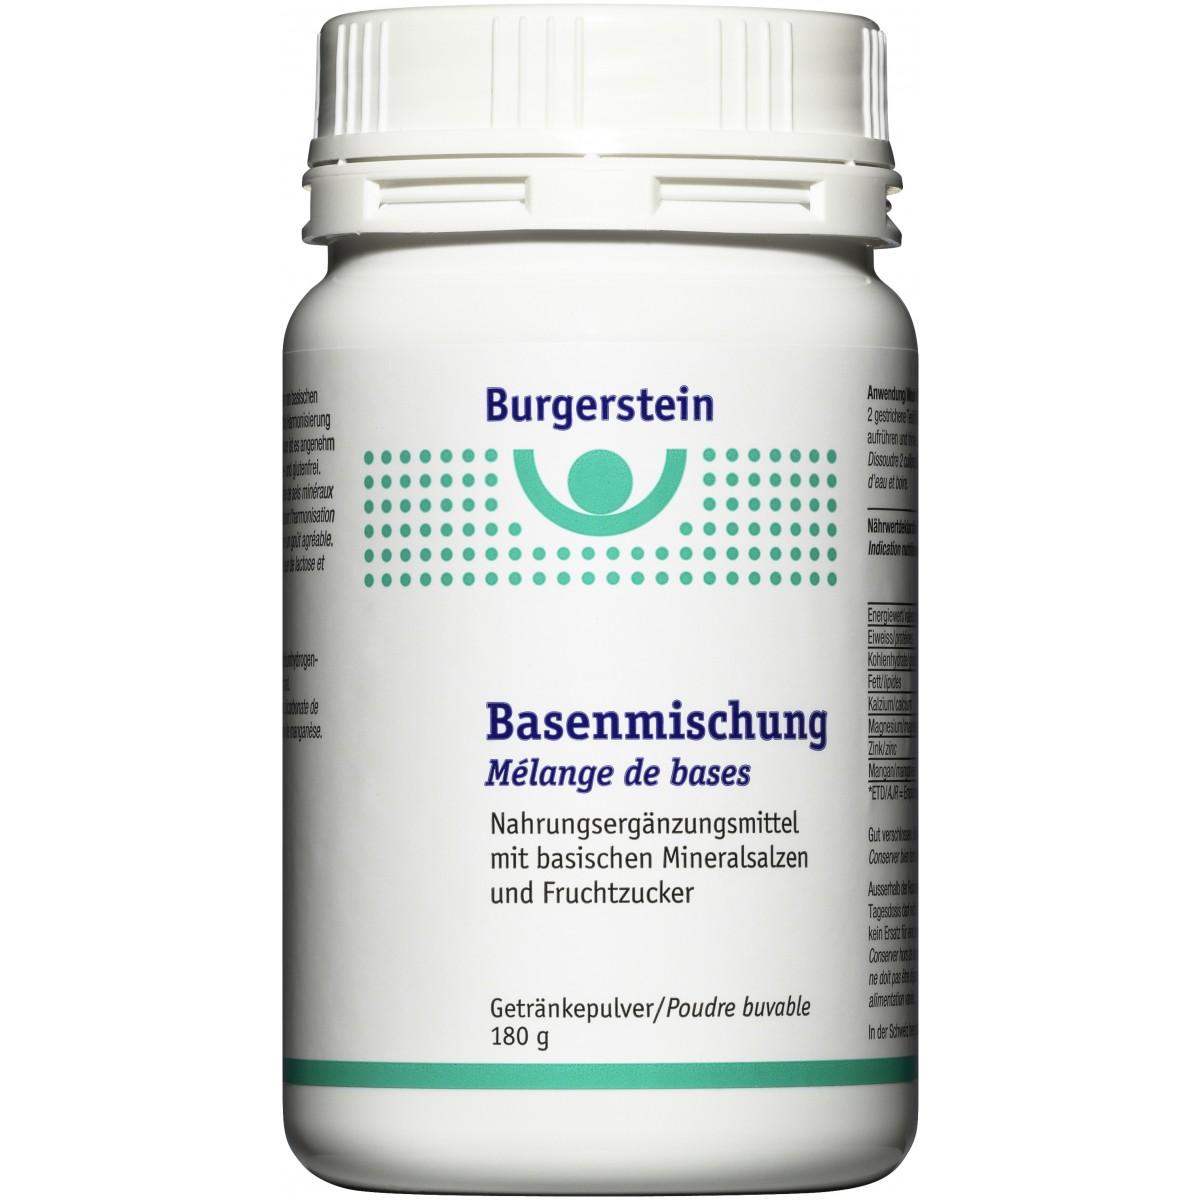 Burgerstein Basenmischung 180 g